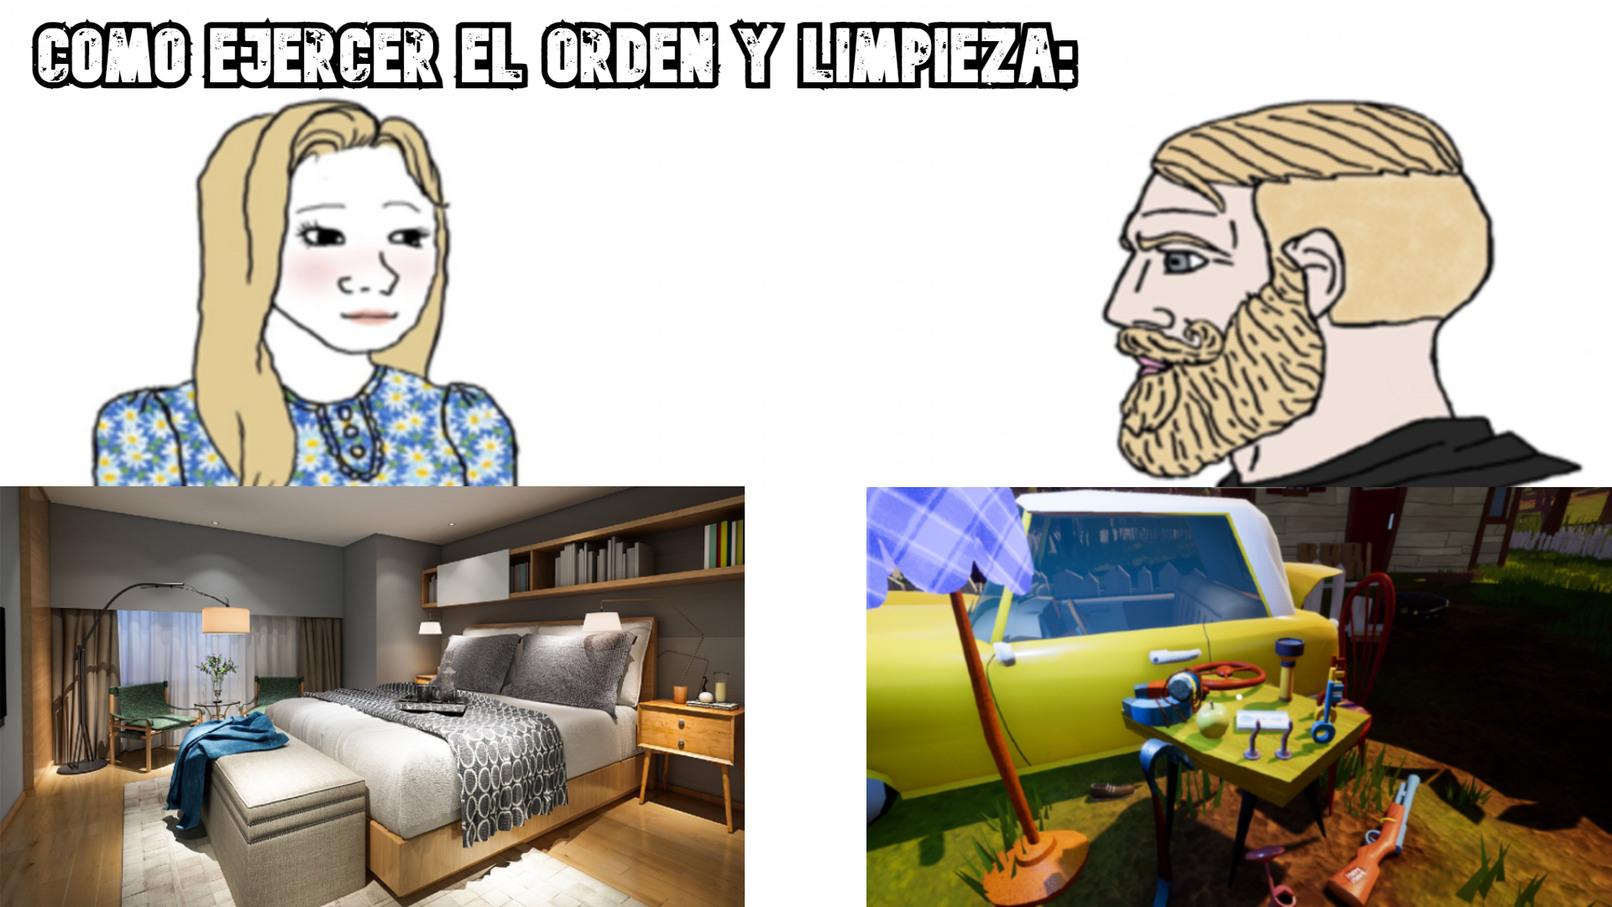 MÁS QUE ACEPTADO FACIL - meme